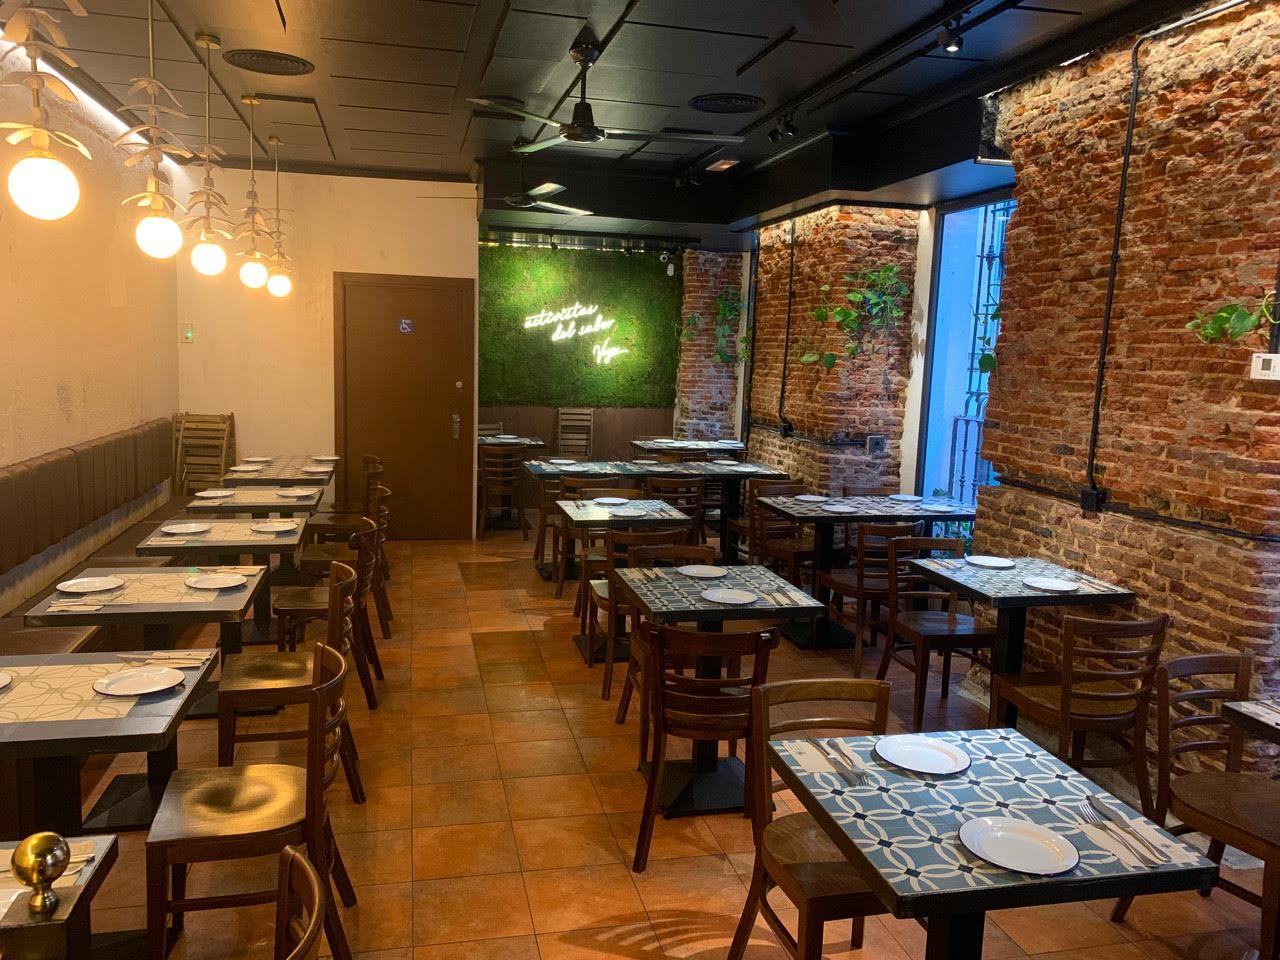 Restaurantes Vega en Madrid: culto a la comida vegana